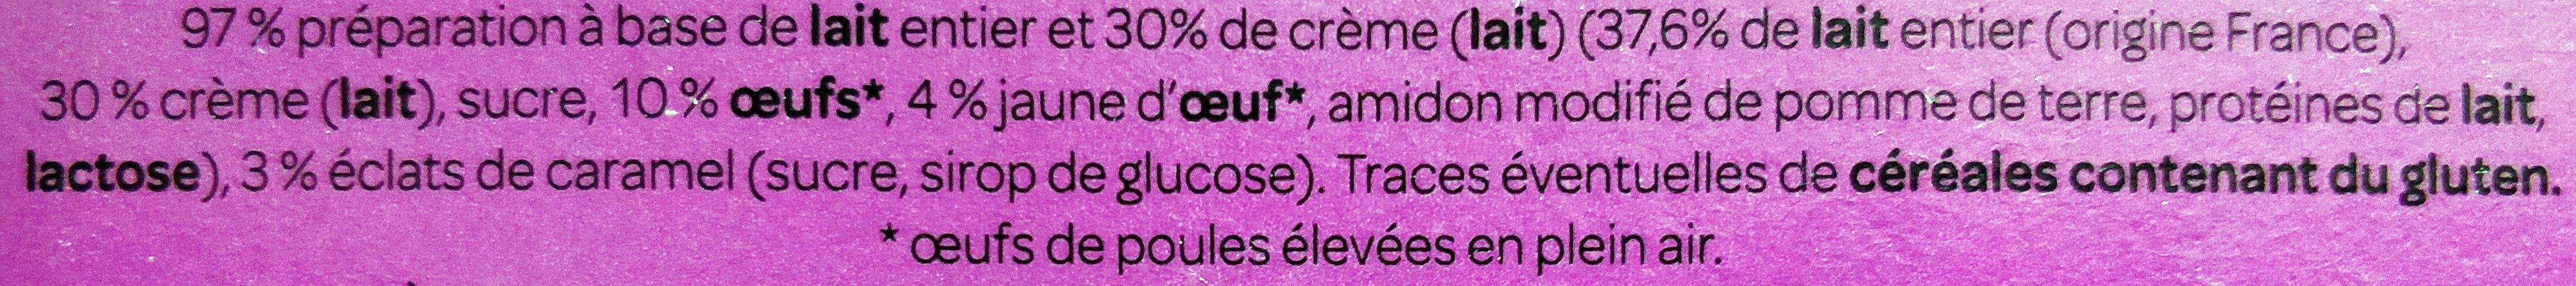 Crème brûlée - Ingrédients